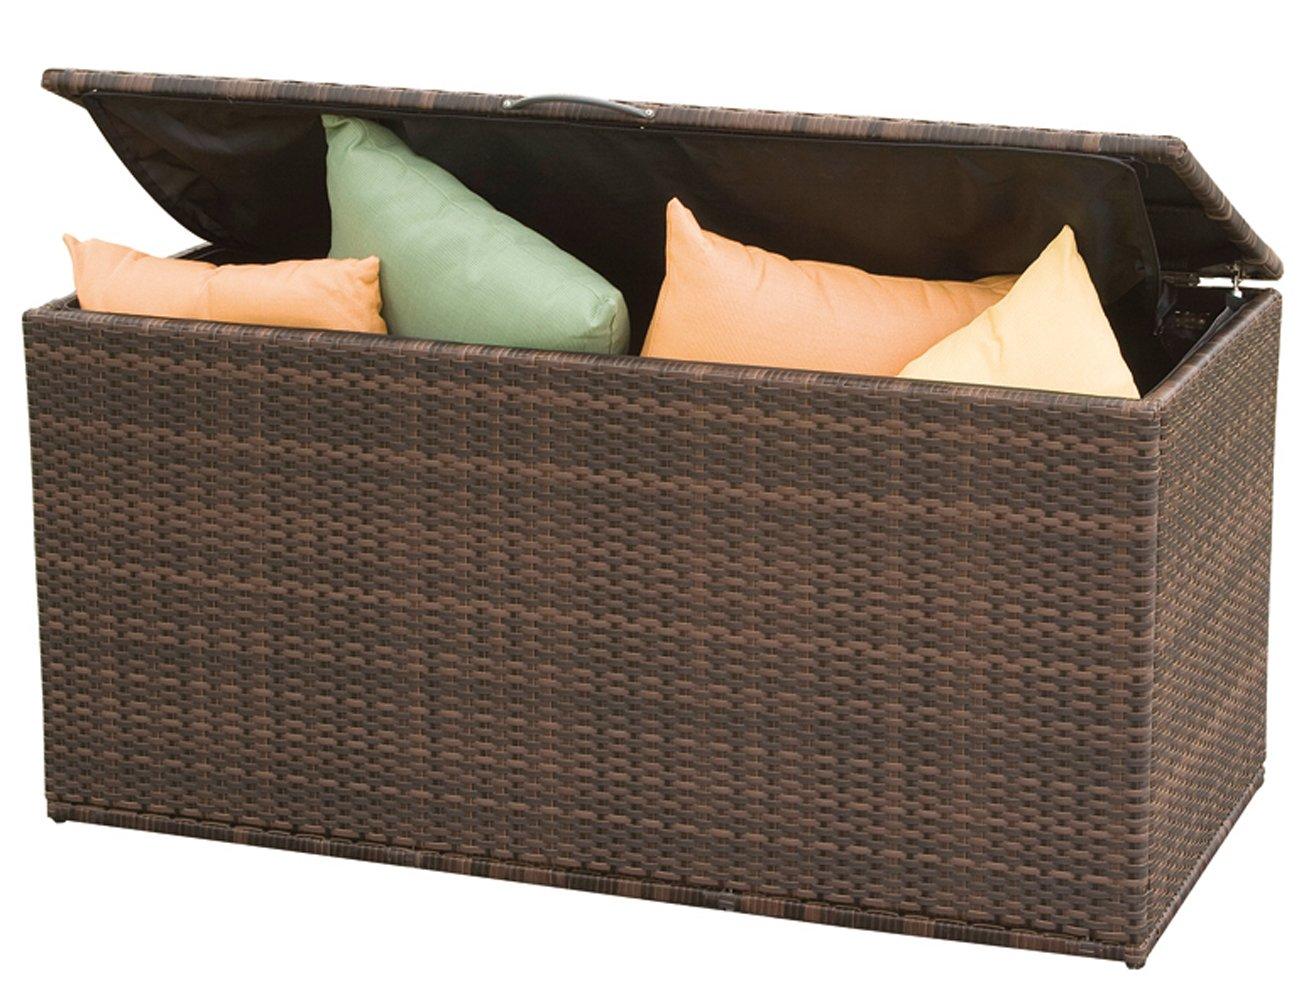 Siena Garden 105626 Universalbox Cadiz, bi-color mocca L131xB61xH65cm